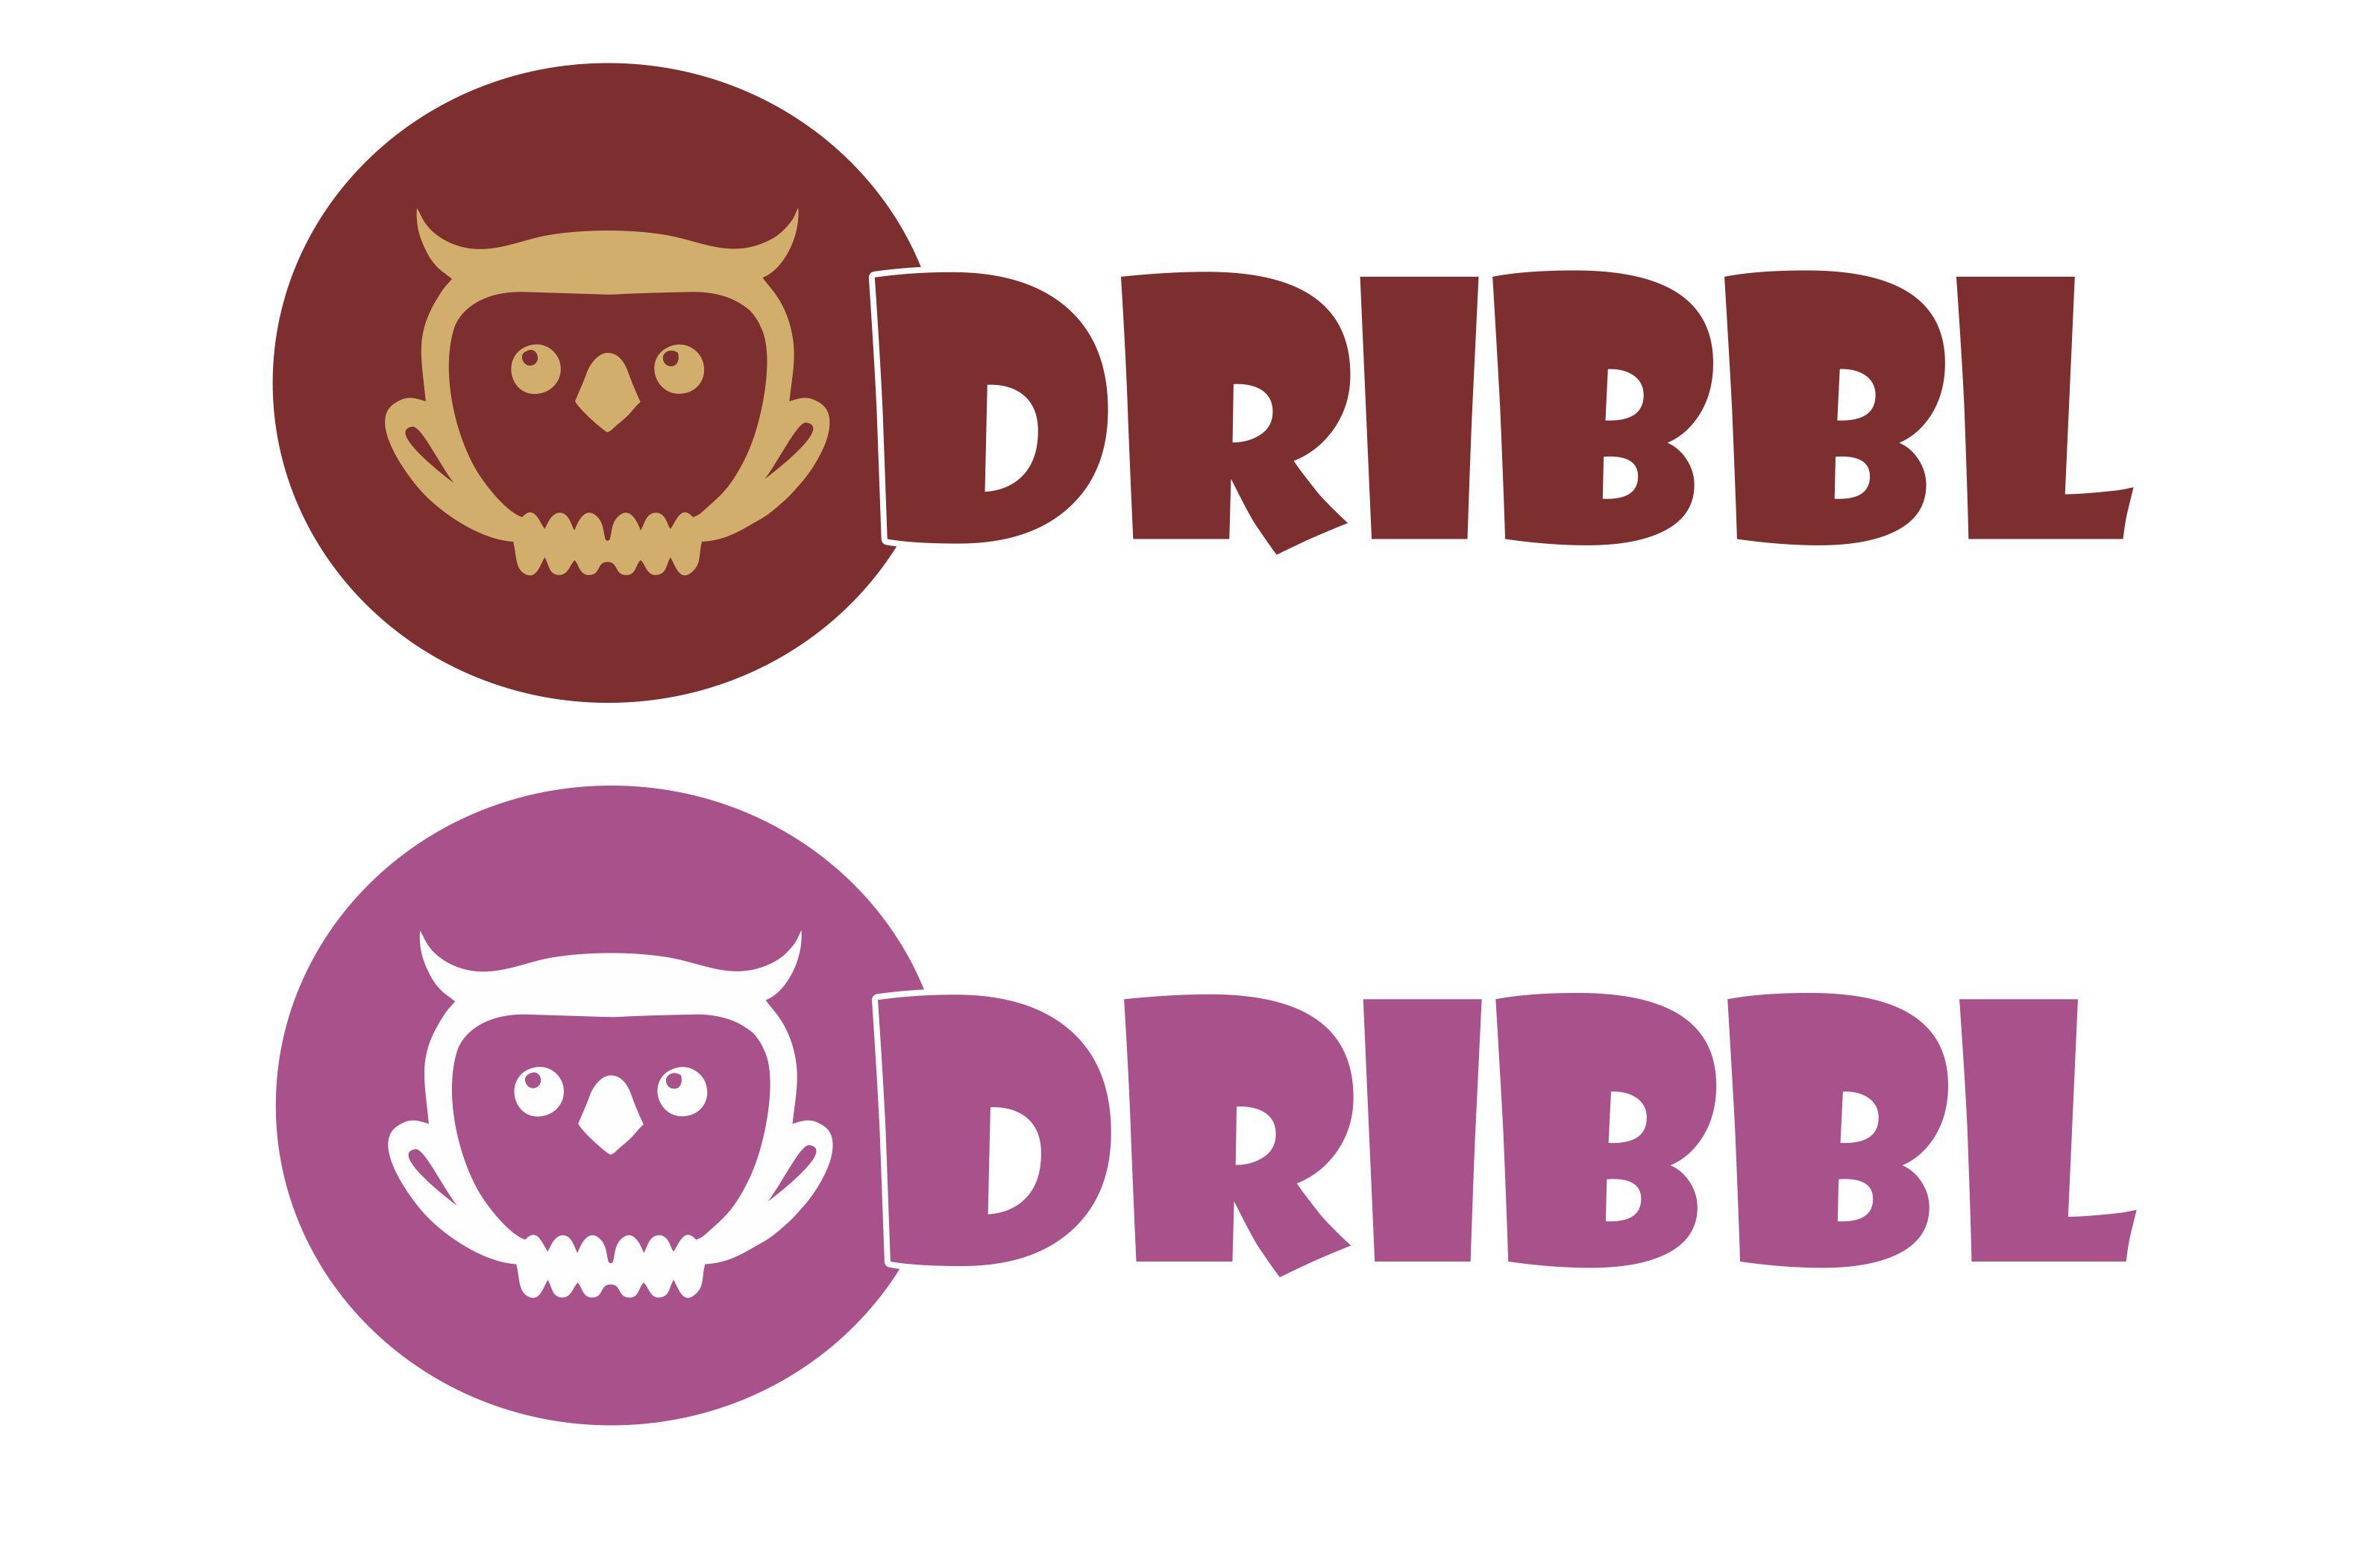 Разработка логотипа для сайта Dribbl.ru фото f_7015a9c34e3d6de4.jpg